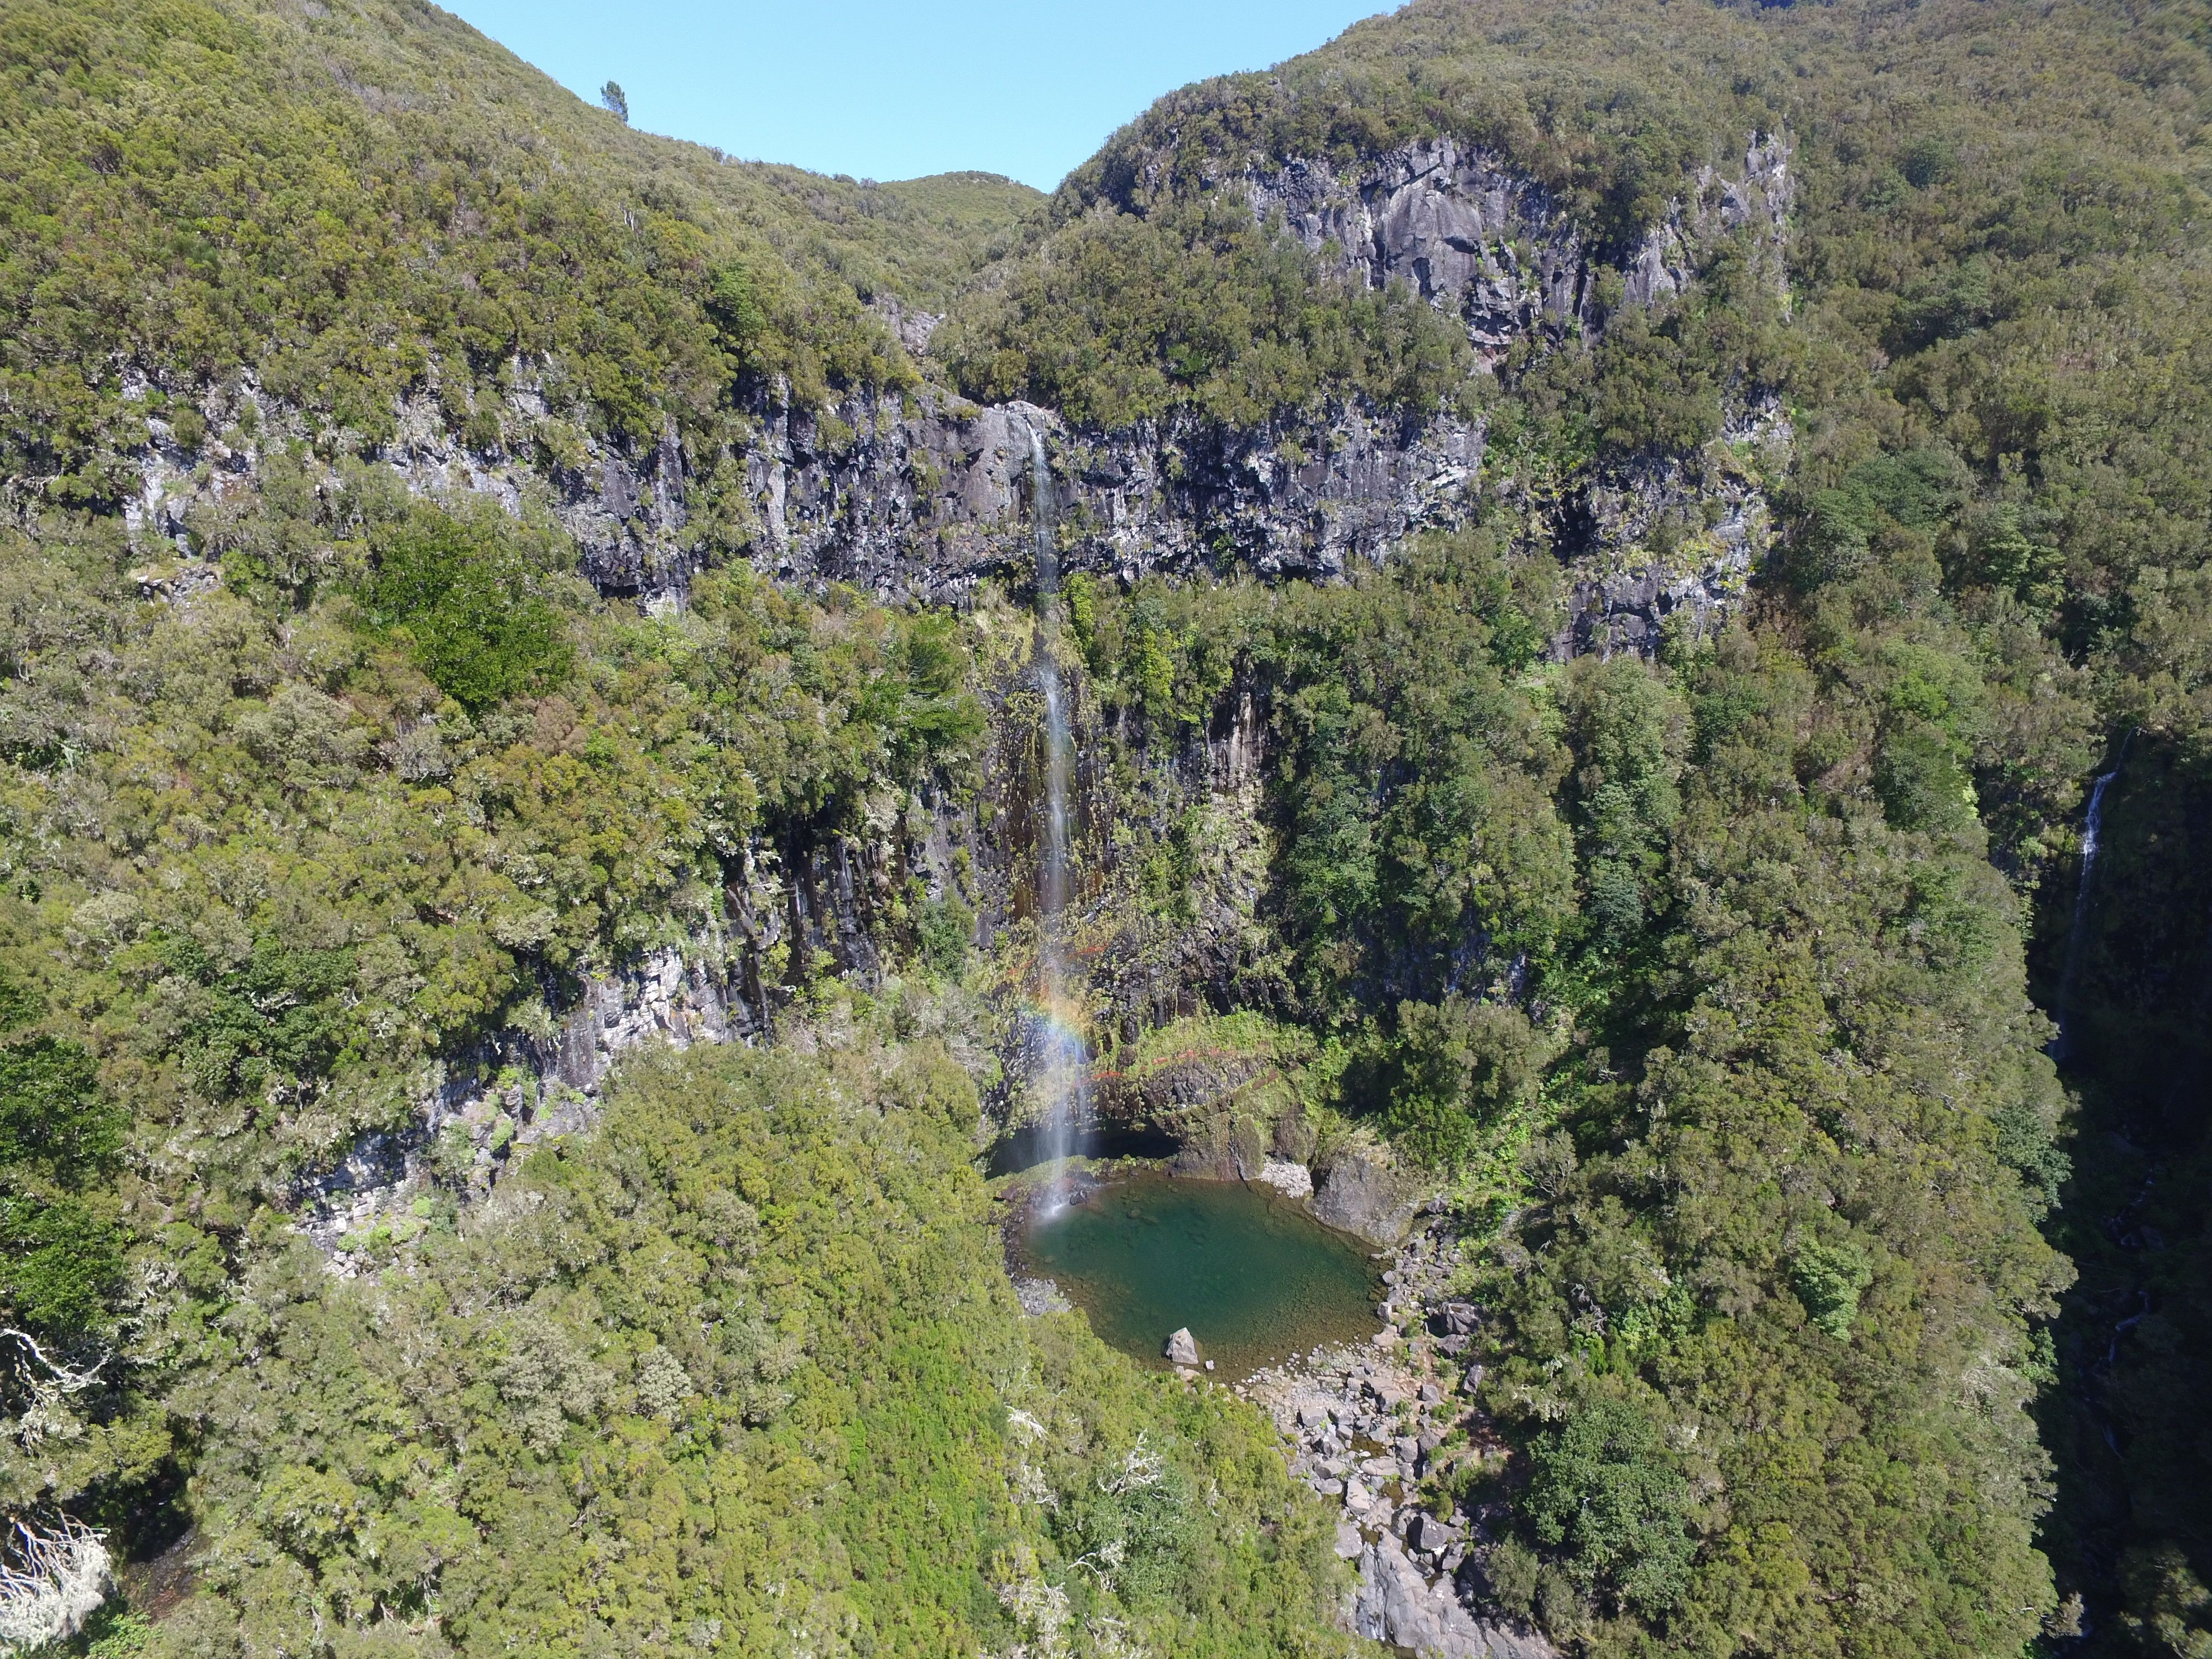 Cascata do Risco - Risco Waterfall